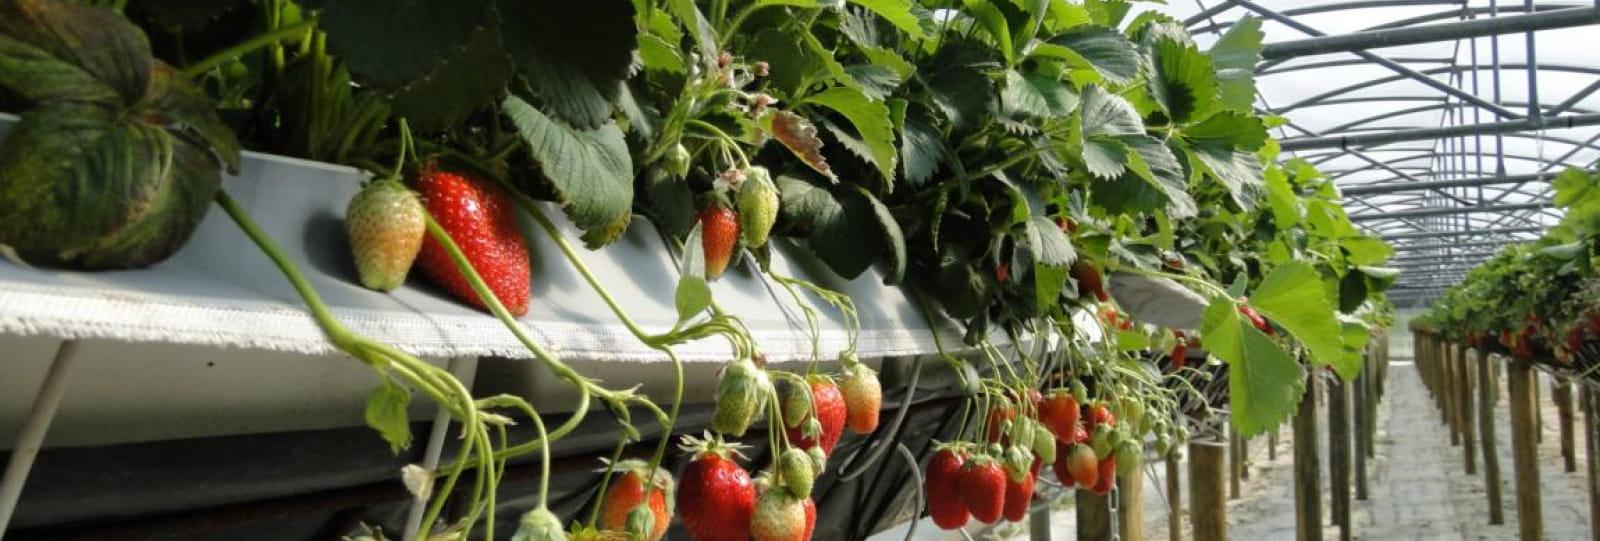 Les fraises_Aux délices de la ferme ardéchoise_Tournon sur Rhône